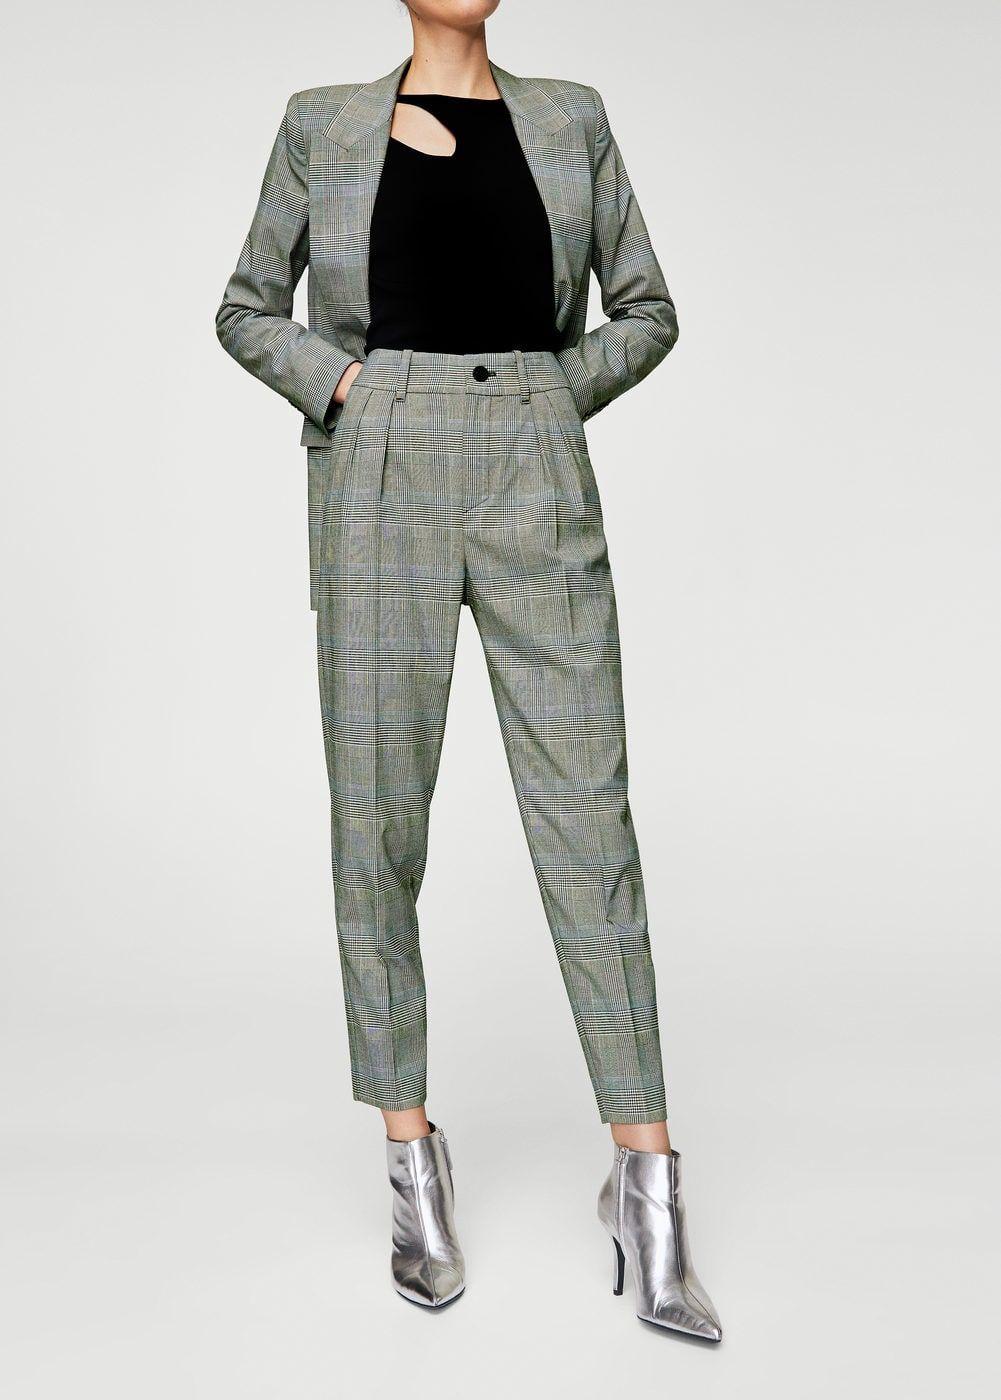 Pantalon de costume prince de galles - Femme | MANGO France